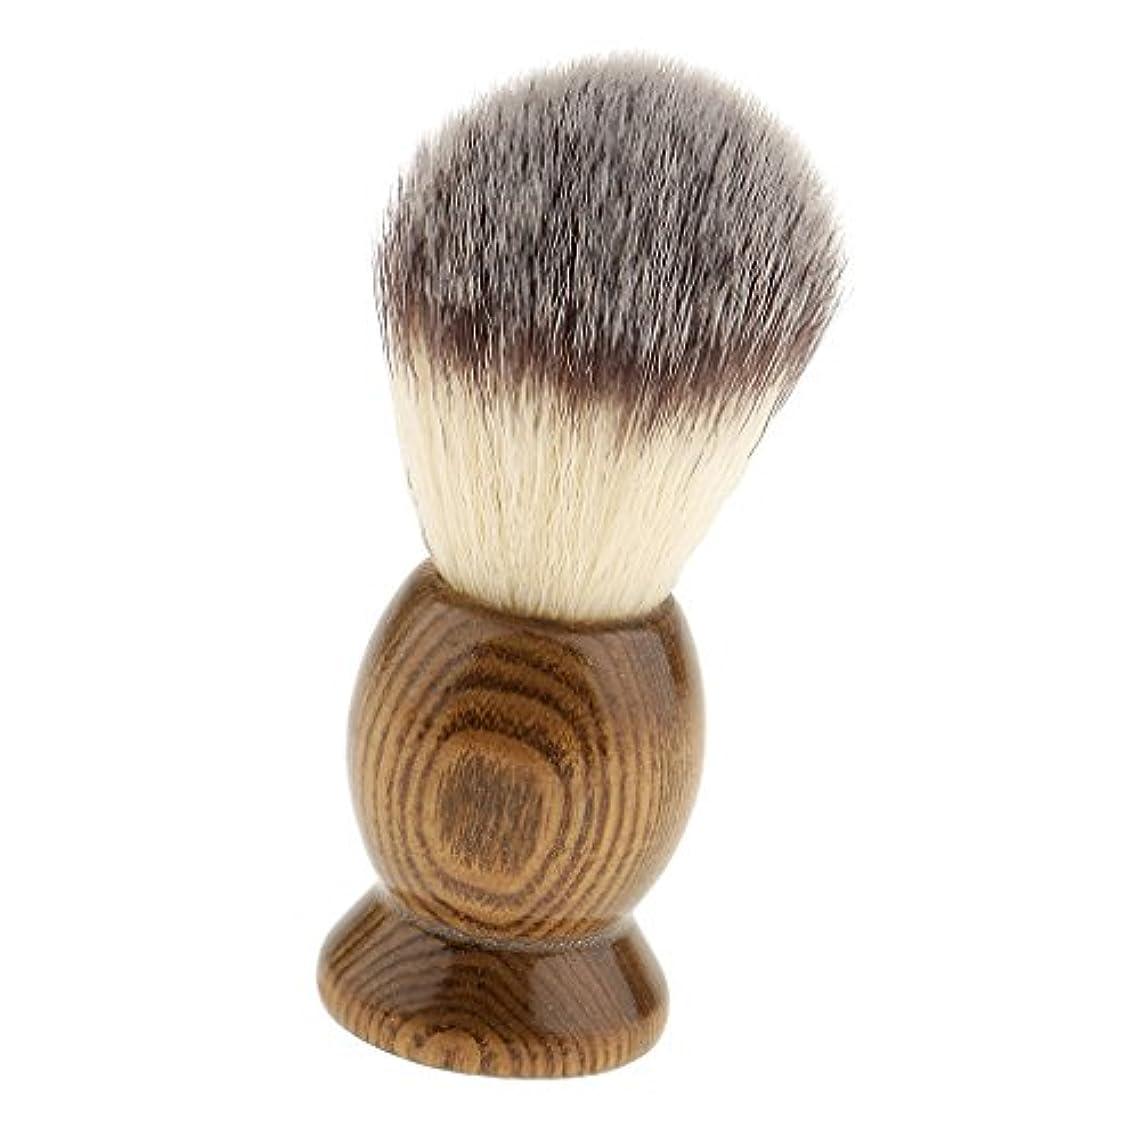 コテージコンパクトパーフェルビッド髭剃りブラシ メンズ シェービングブラシ 泡立ち サロン 家庭 父の日 プレゼント 全5種類 - 5